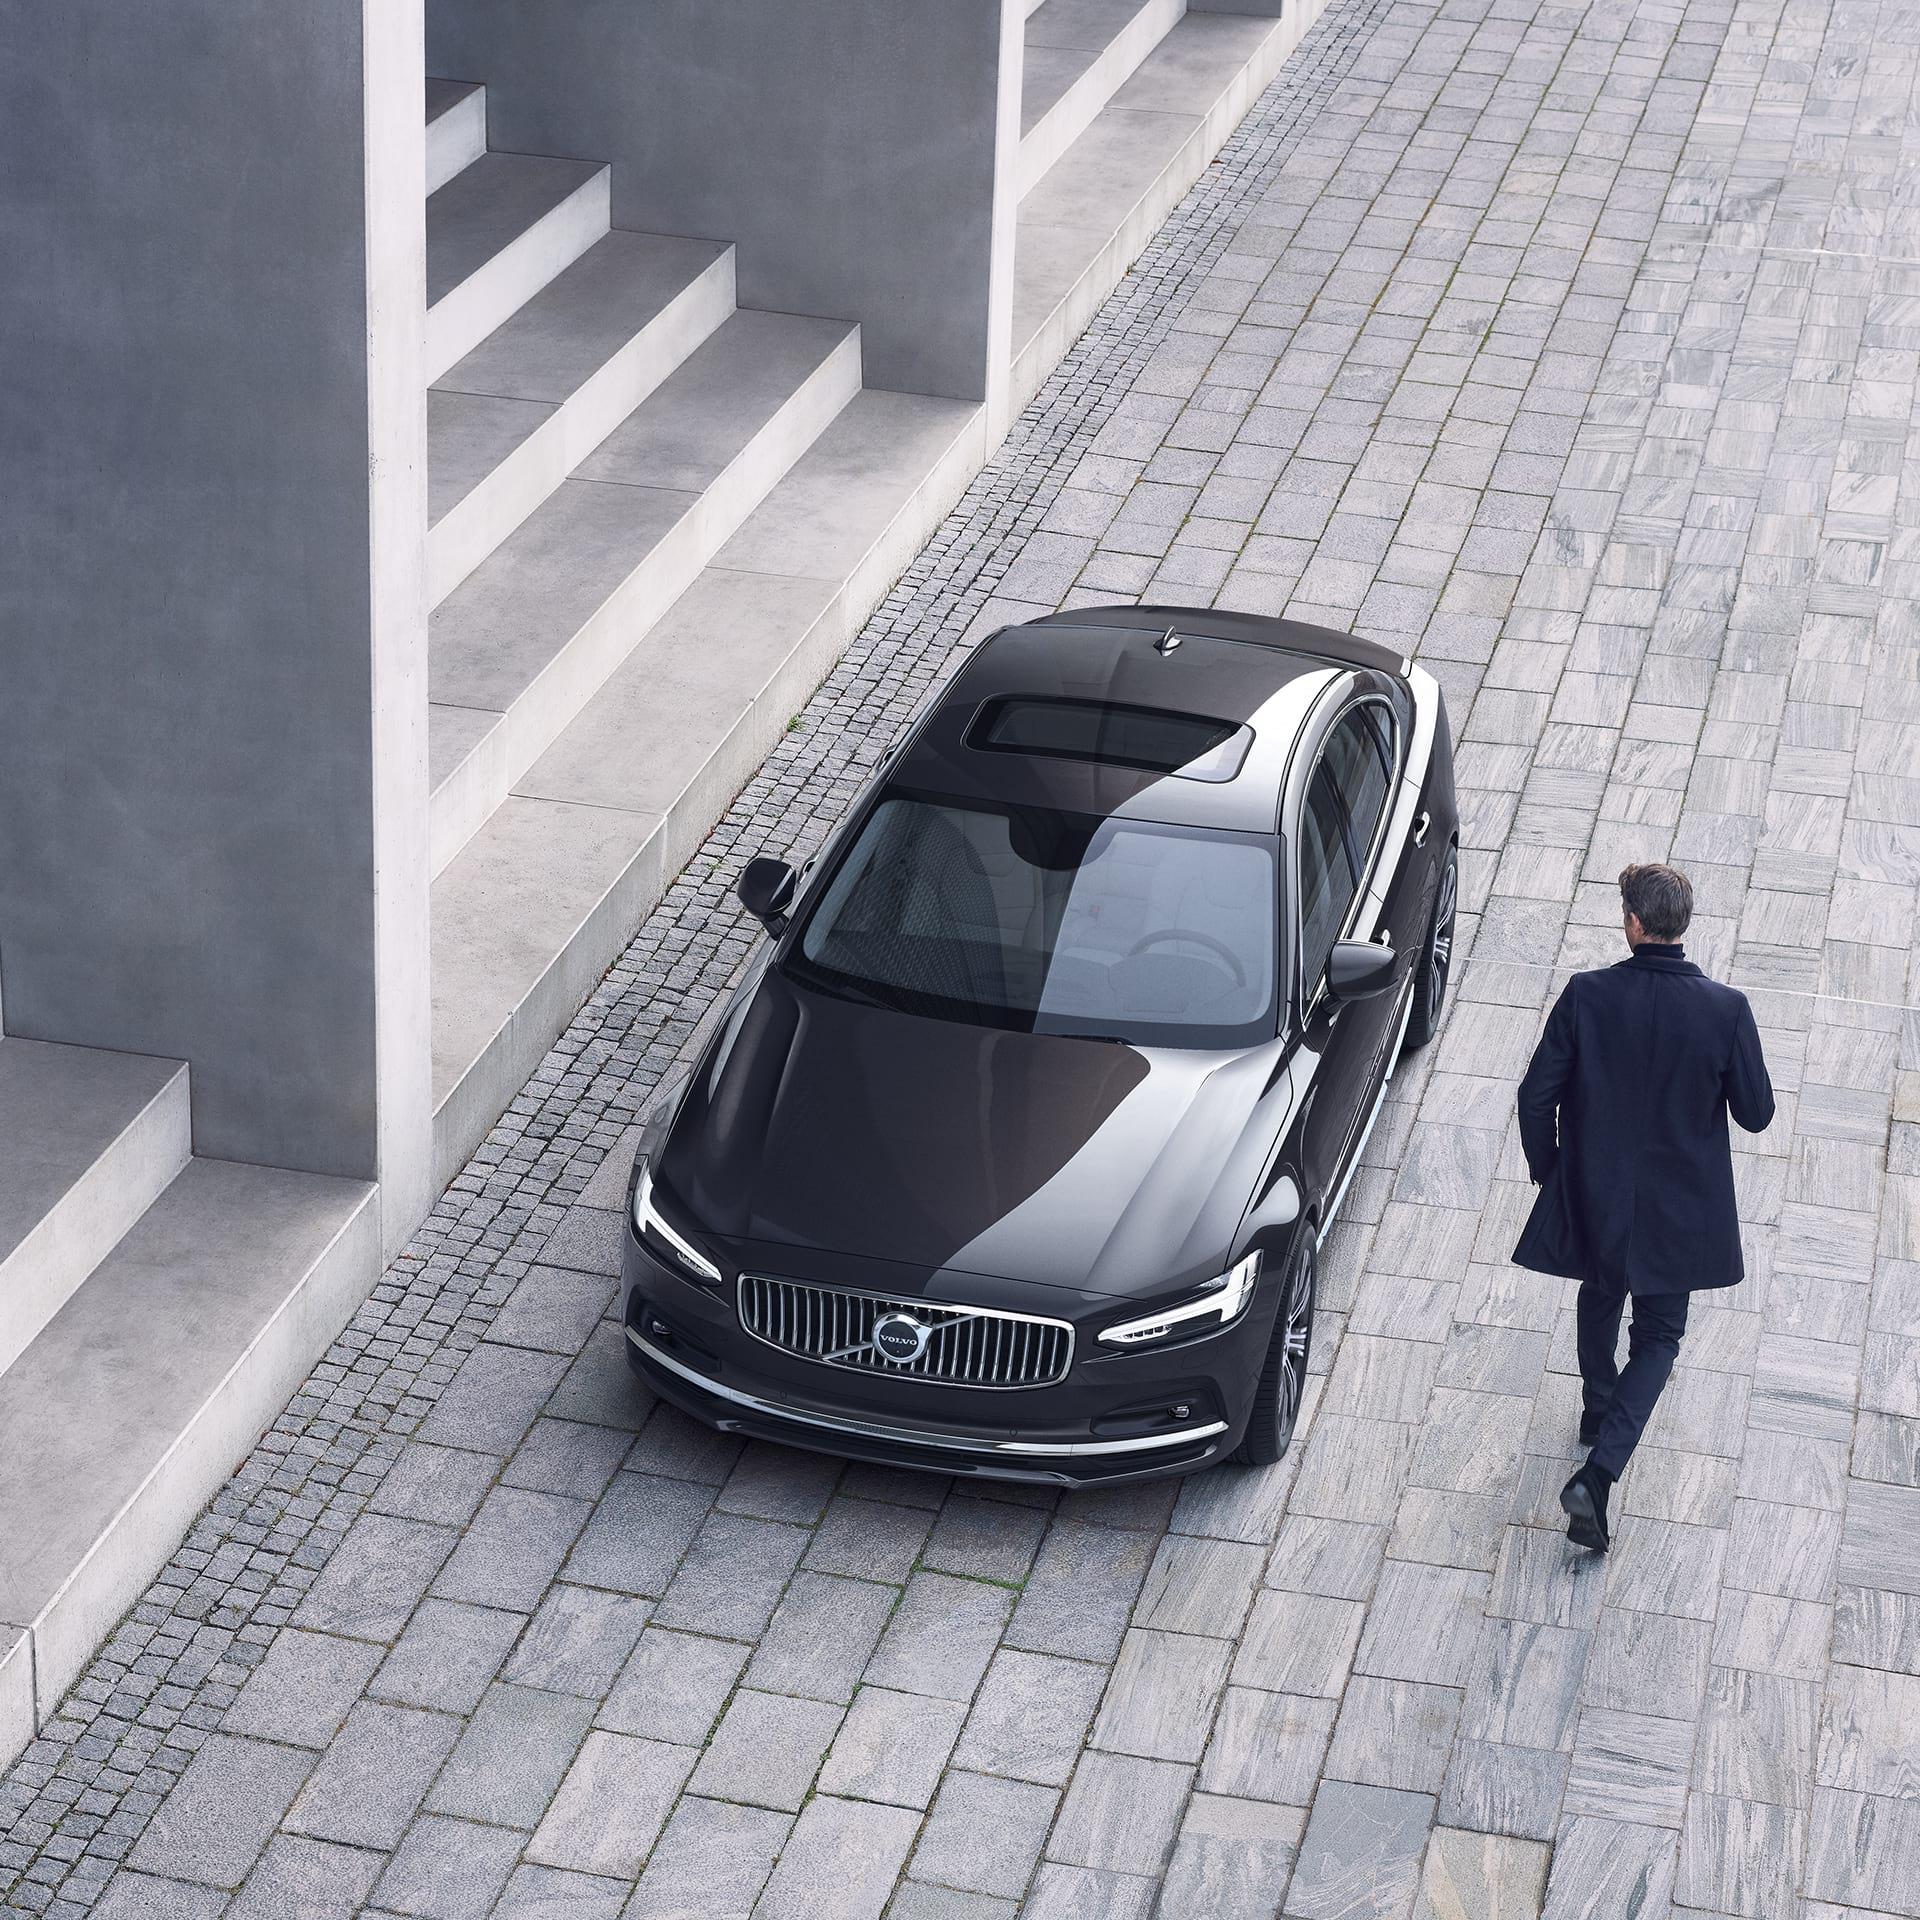 Un Volvo S90 este parcat în fața unor scări, un bărbat se îndreaptă către mașină